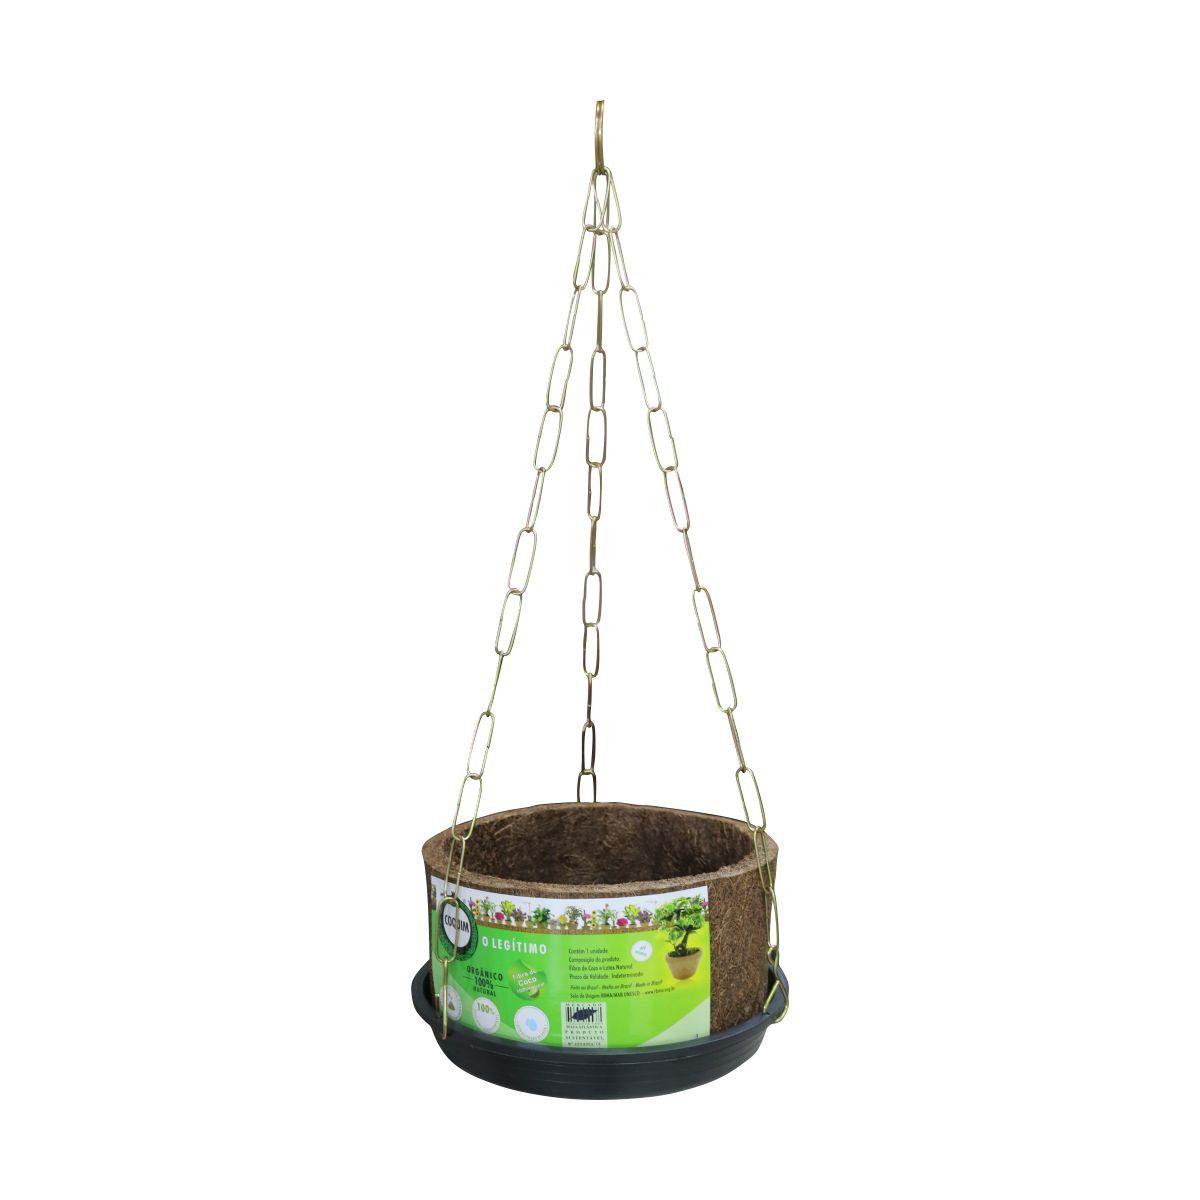 Kit Vaso de Fibra de Coco Nº 15 11,5cm x 21,5 com Prato e Corrente COQUIM